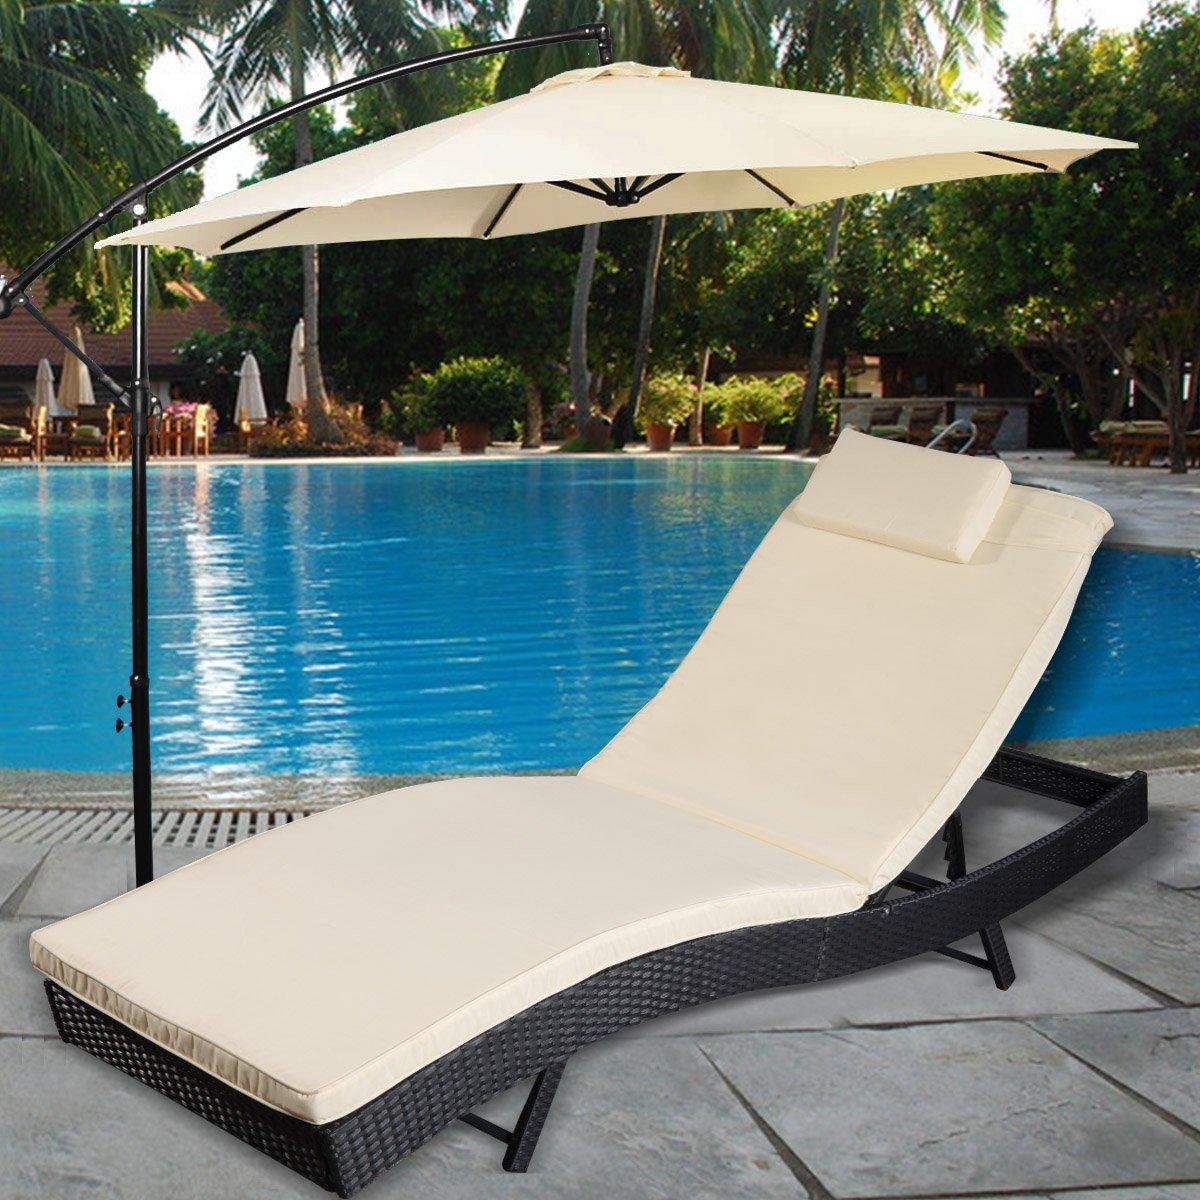 Polyratten Gartenliege Sonnenliege Relaxliege Gartenstuhl Liegestuhl inkl. Auflage und Kopfkissen Ratten Lounge Liege Garnitur Gartenmöbel Outdoor online kaufen